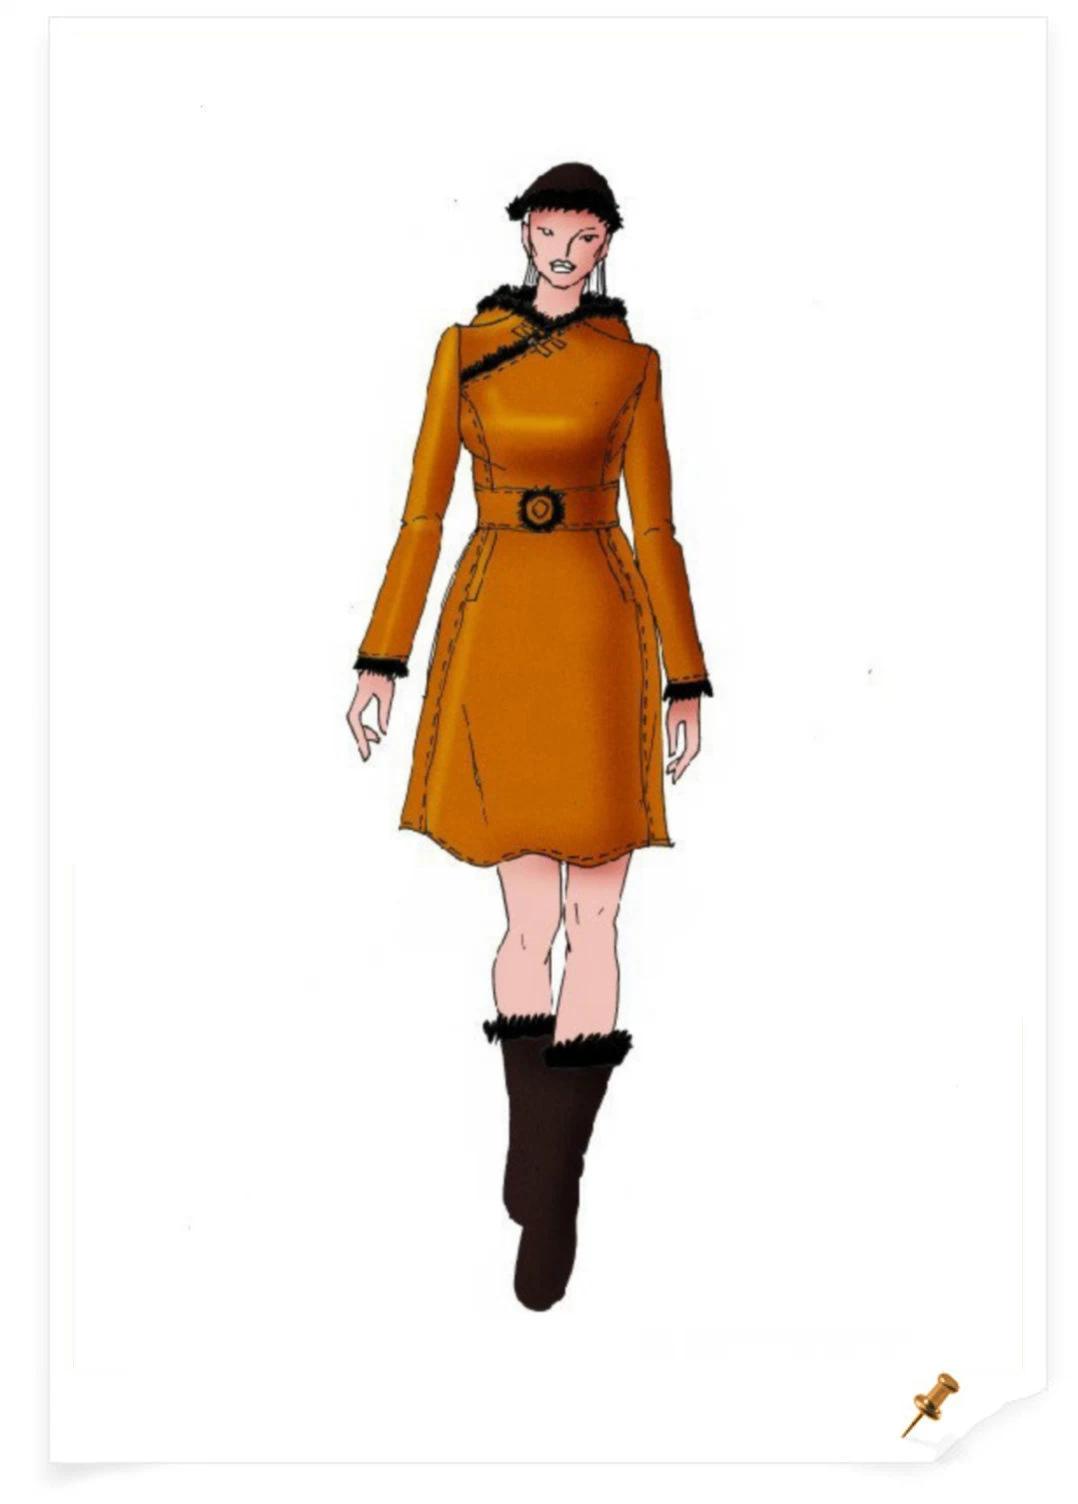 【服装美术】蒙古元素服饰设计效果图 第8张